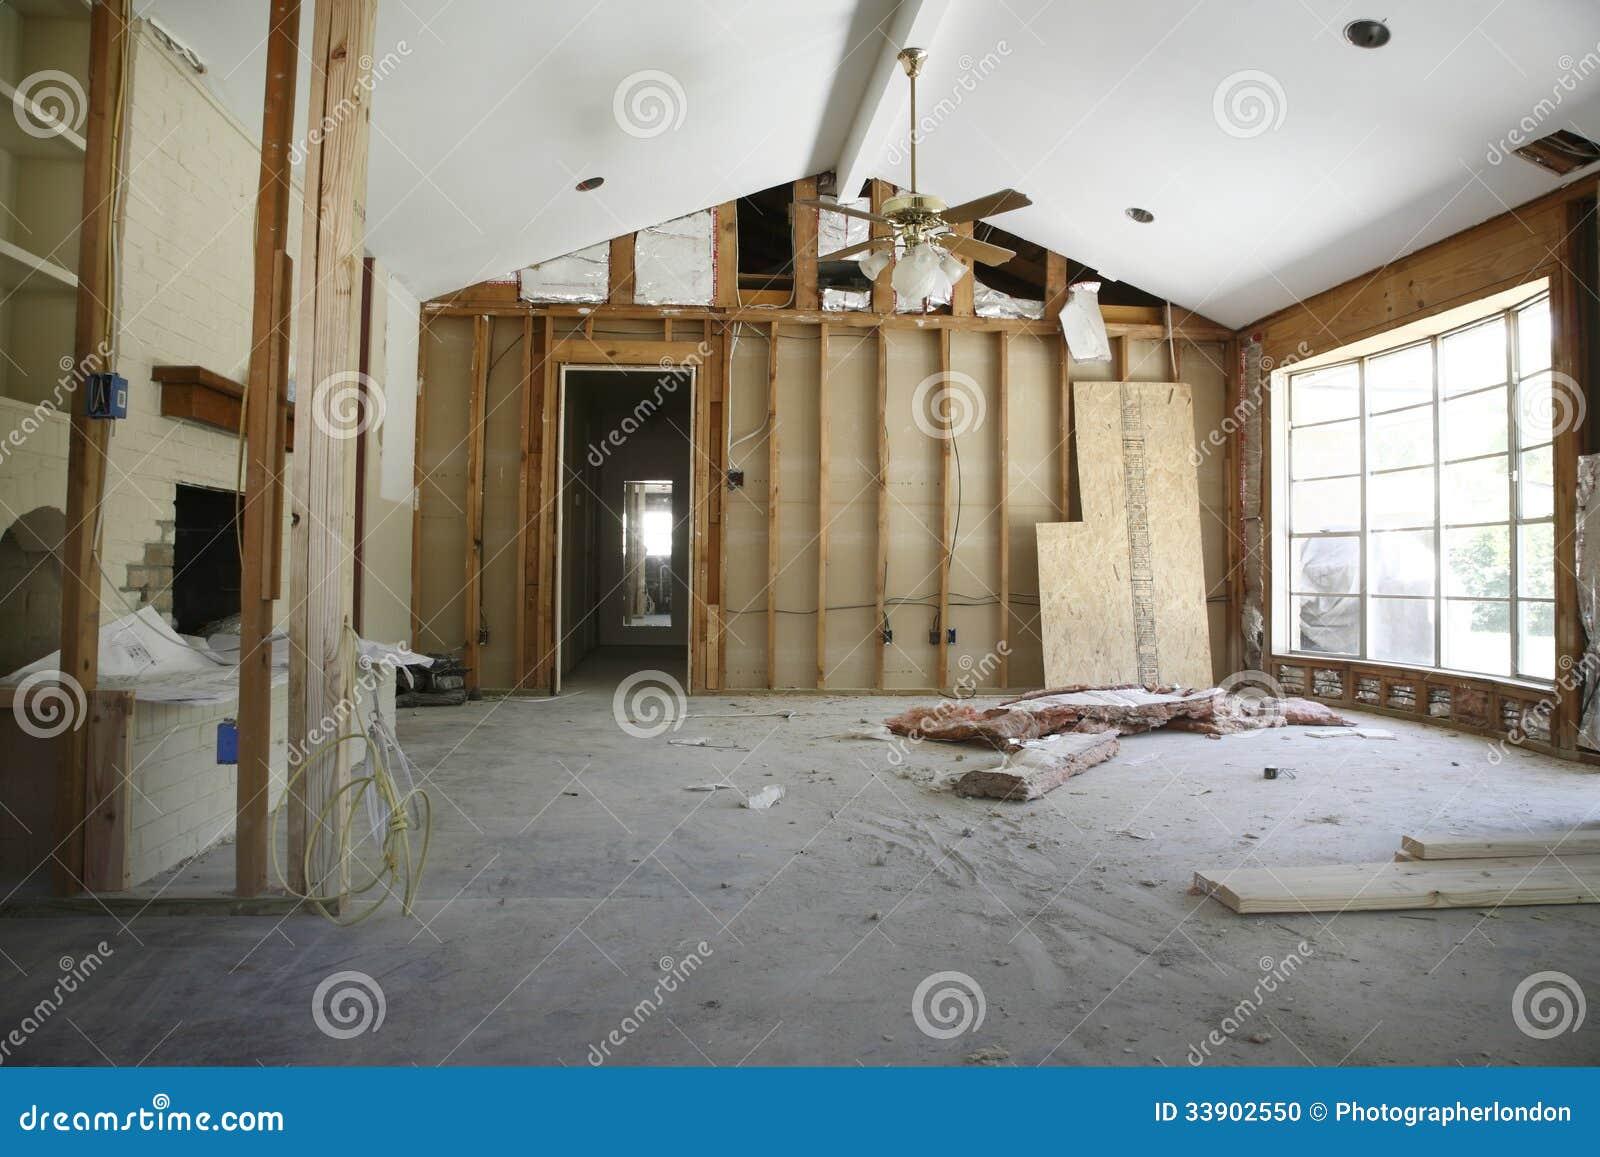 Trennwand im Haus unter Erneuerung